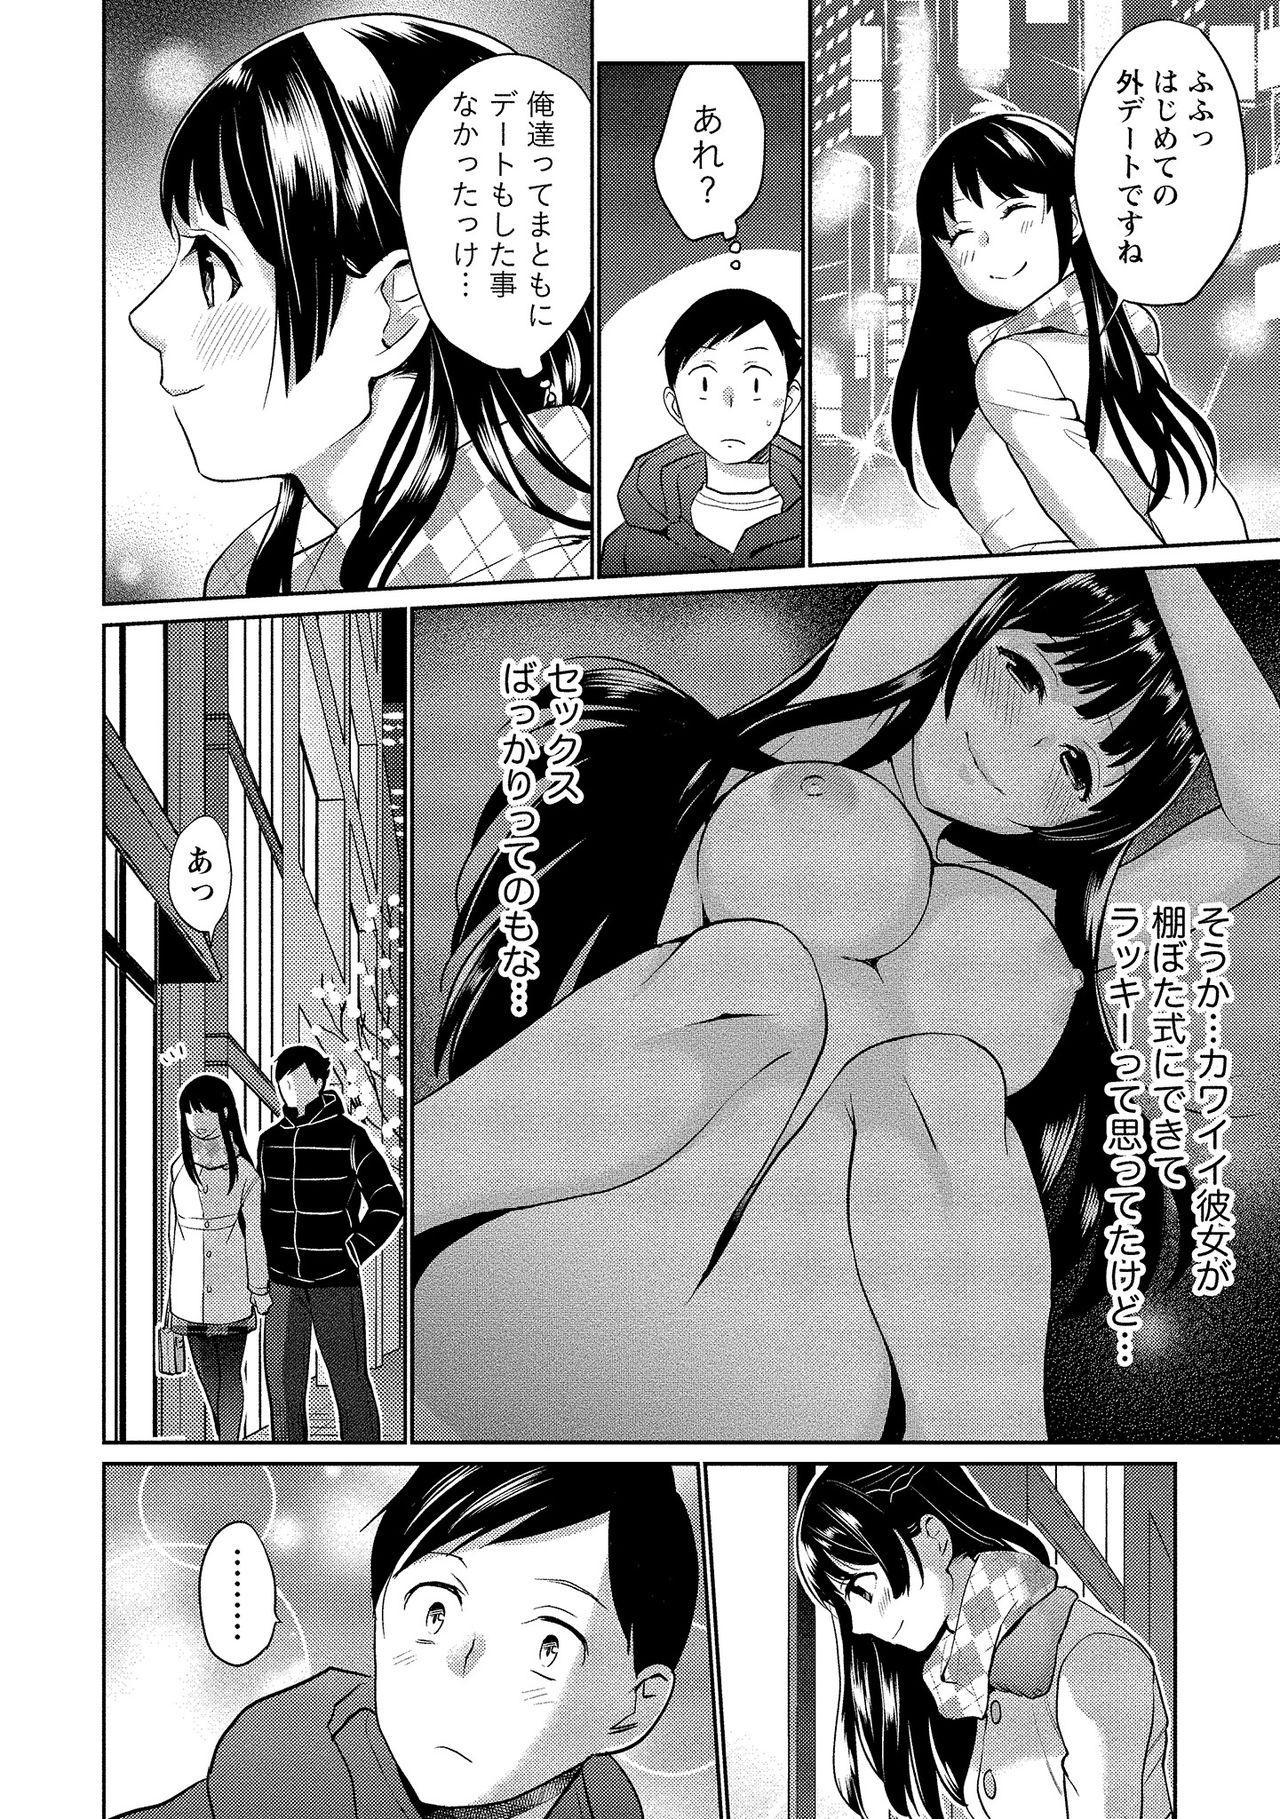 Dorobou Neko wa Kanojo no Hajimari 98